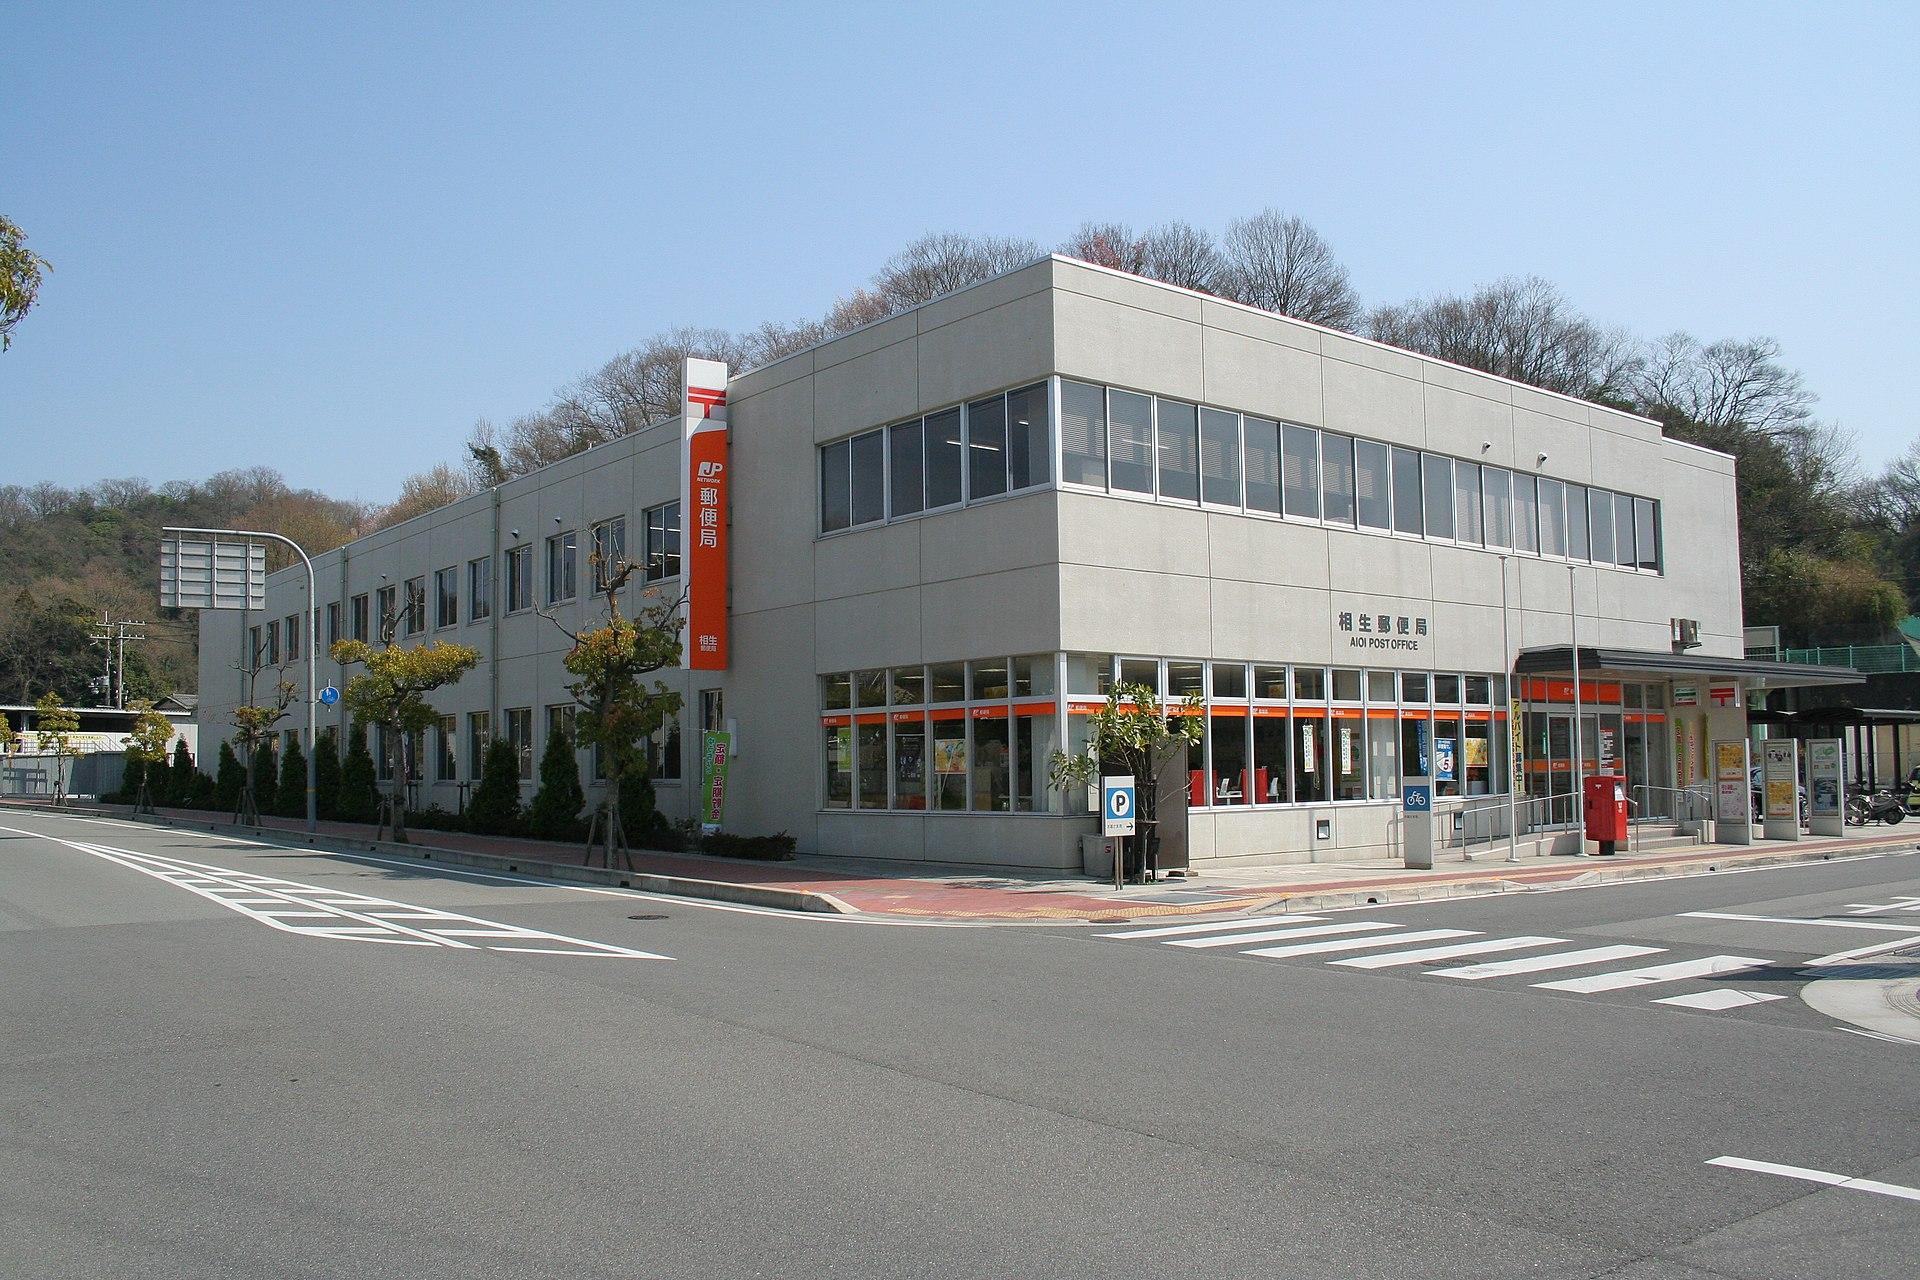 分室 マリンピア 中央 郵便 徳島 局